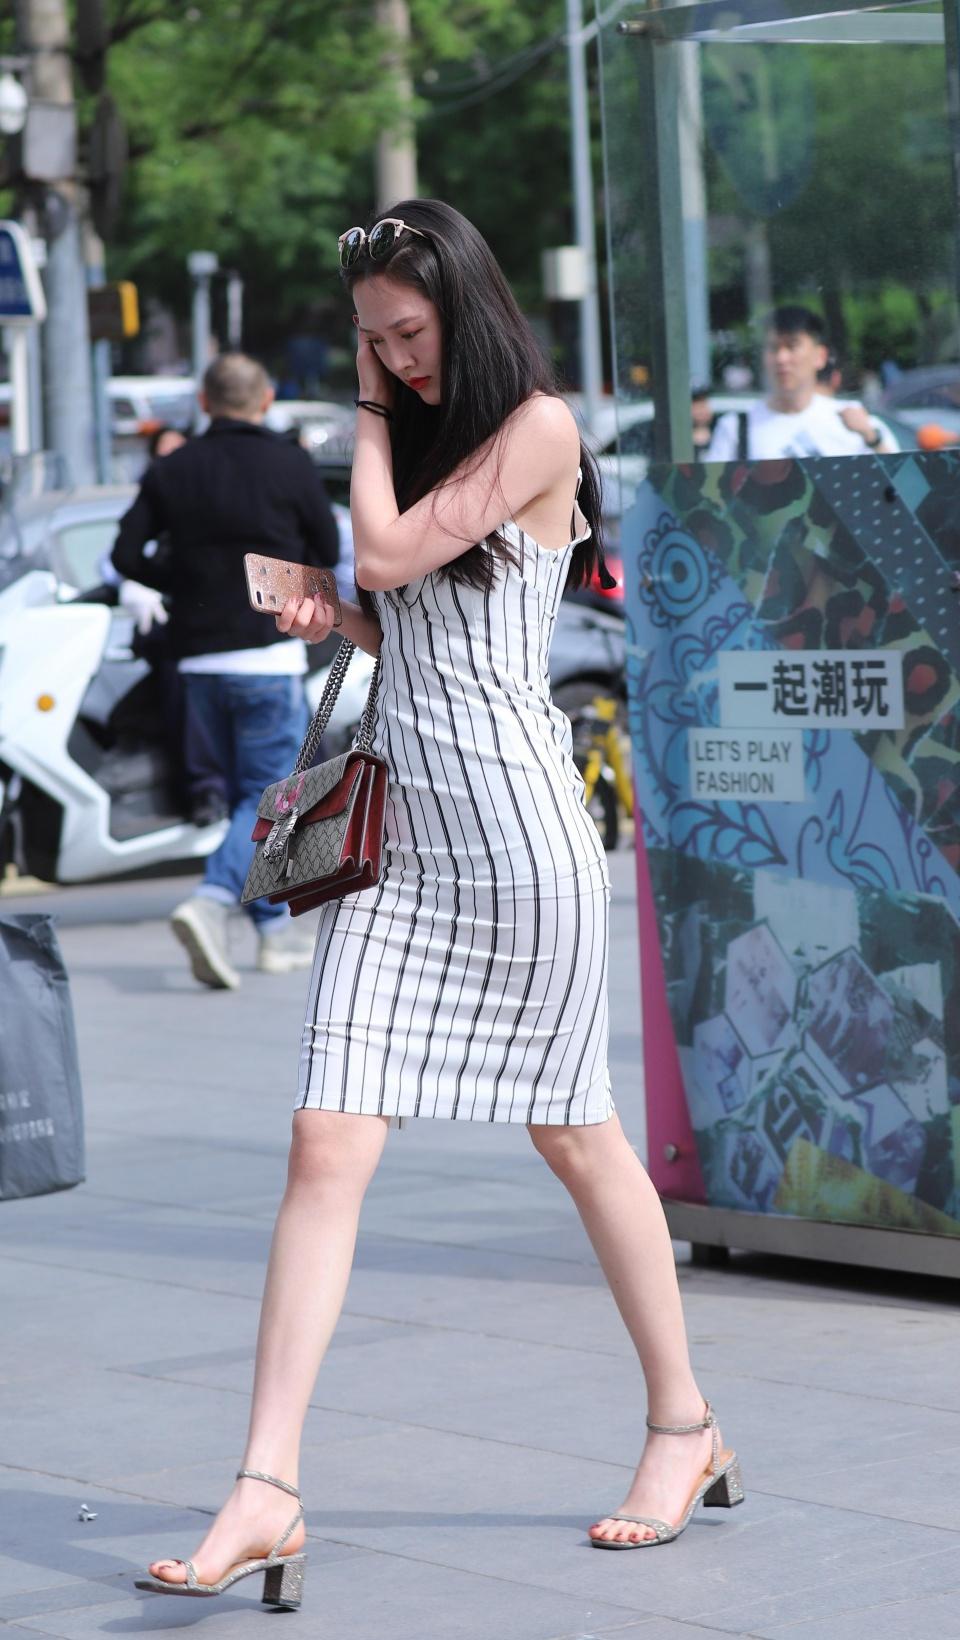 牛仔裤,高跟鞋,漂亮的腿和极品的身材都是今天街拍的。多幸福啊!